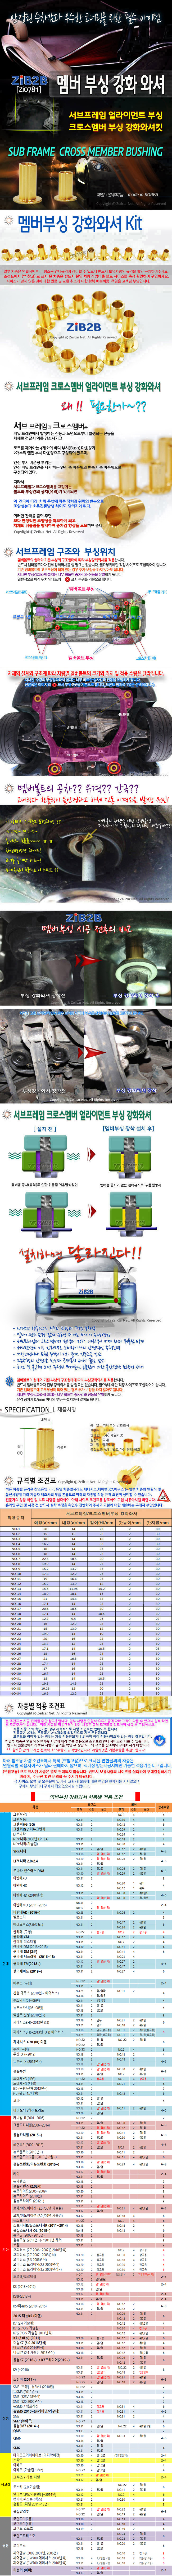 [ZiB2B] 맴버 부싱 _ 코너링향상, 쏠림방지,뒤틀림방지, 하체단단함